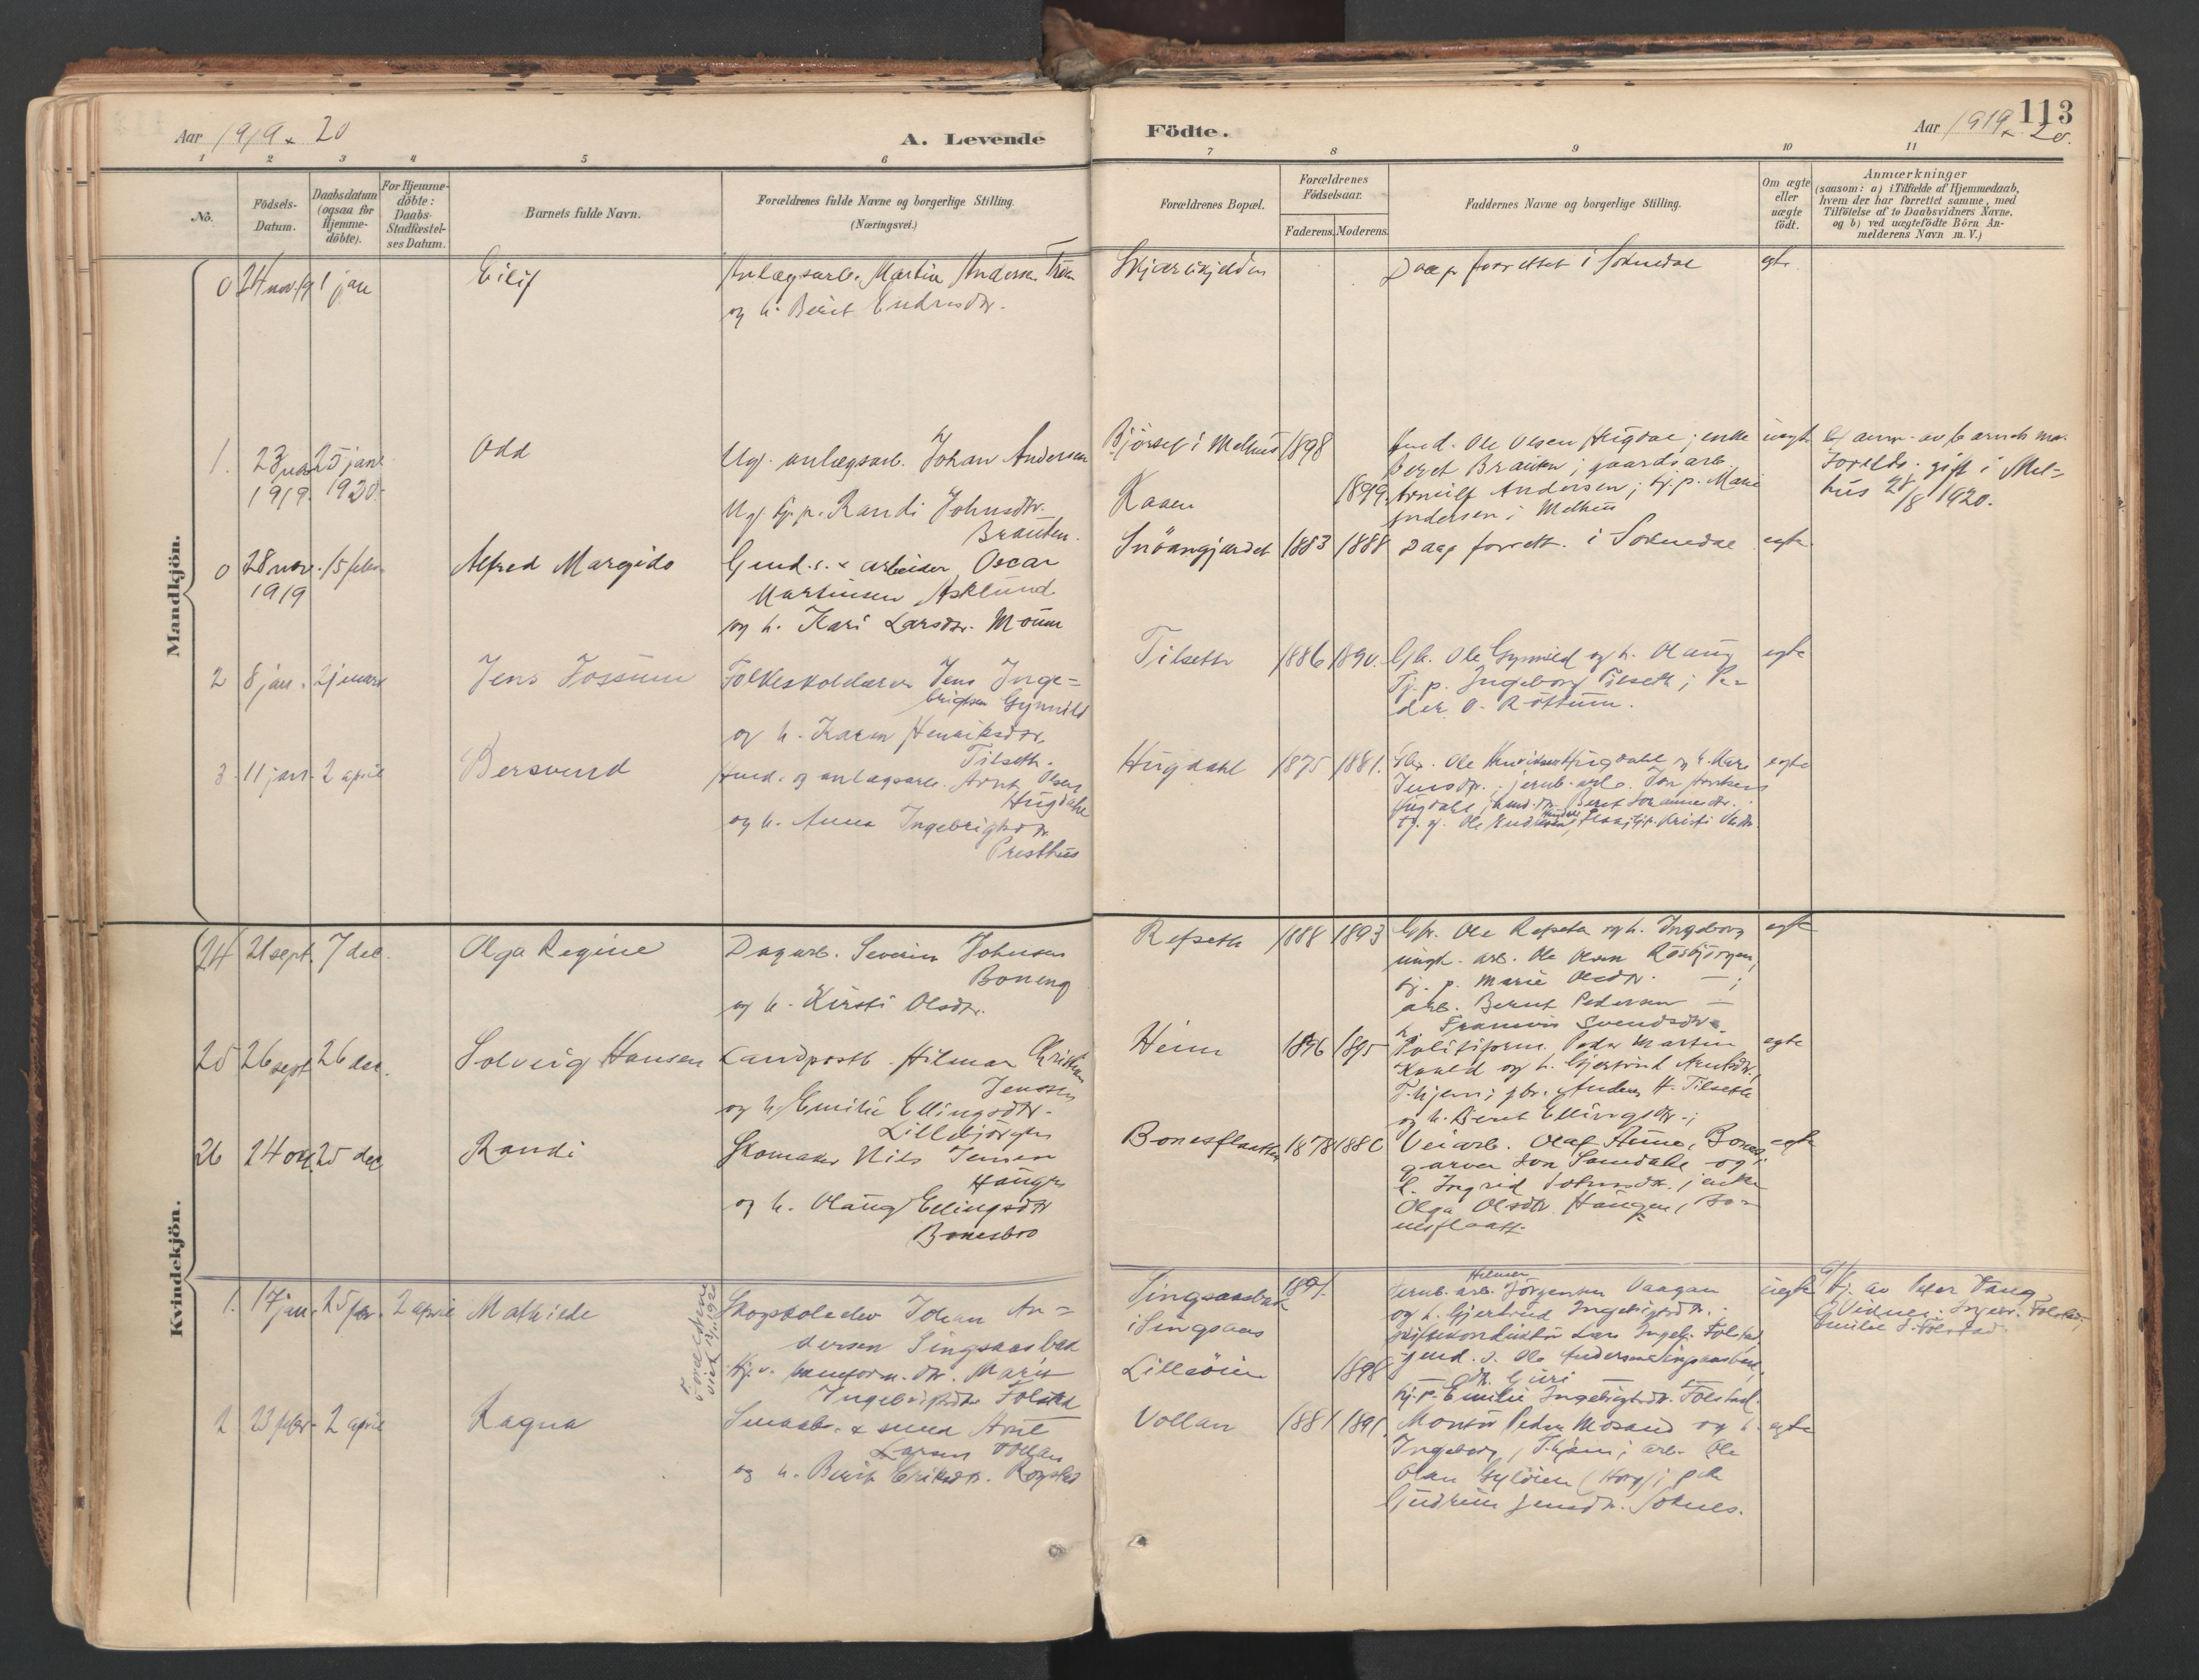 SAT, Ministerialprotokoller, klokkerbøker og fødselsregistre - Sør-Trøndelag, 687/L1004: Ministerialbok nr. 687A10, 1891-1923, s. 113